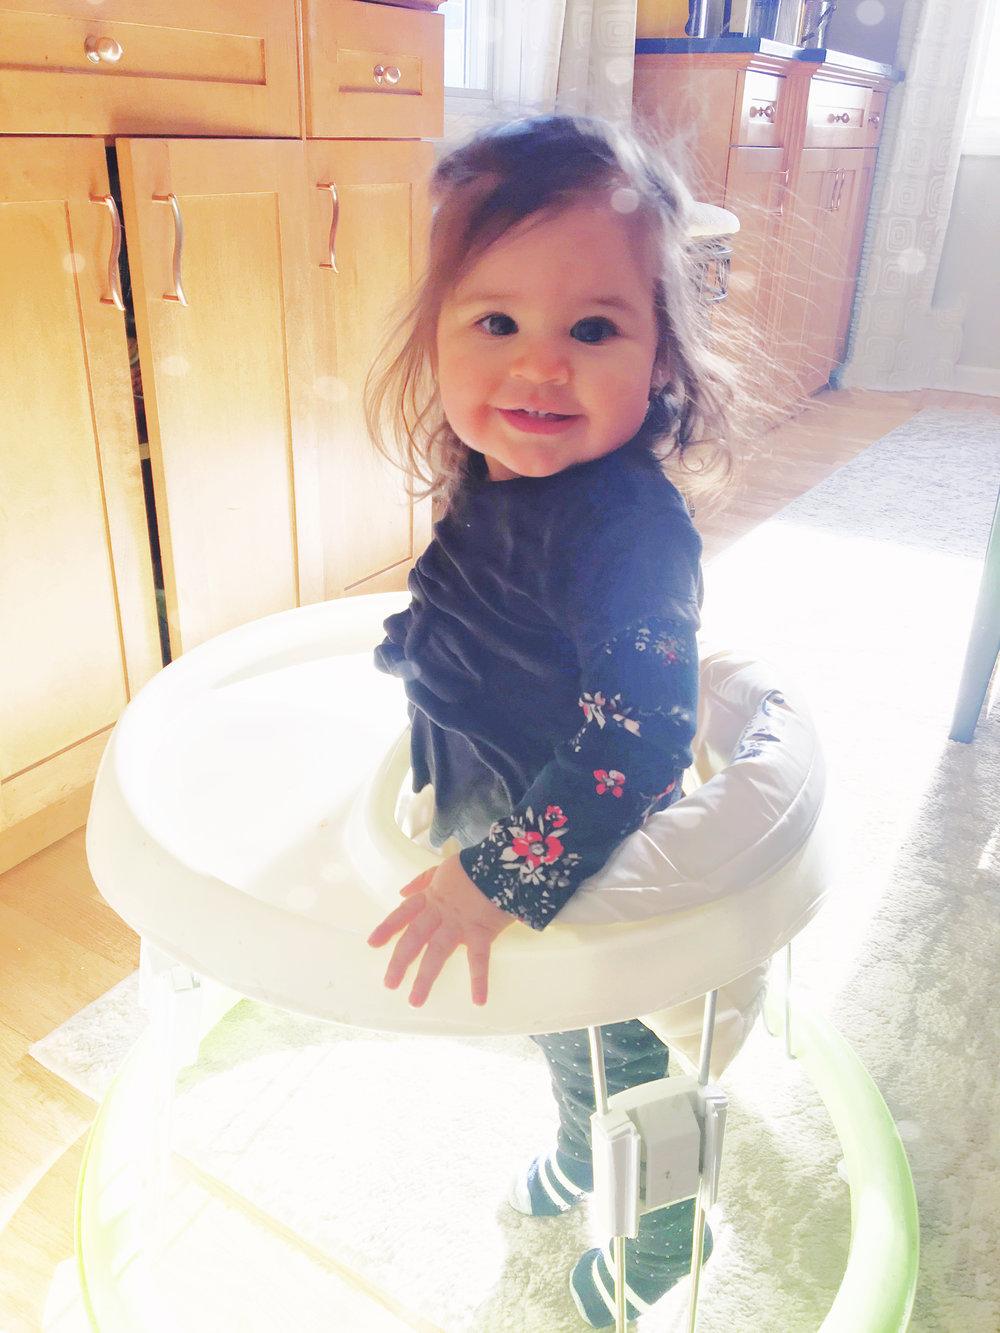 Raelyn is 1 year old | Amanda Zampelli